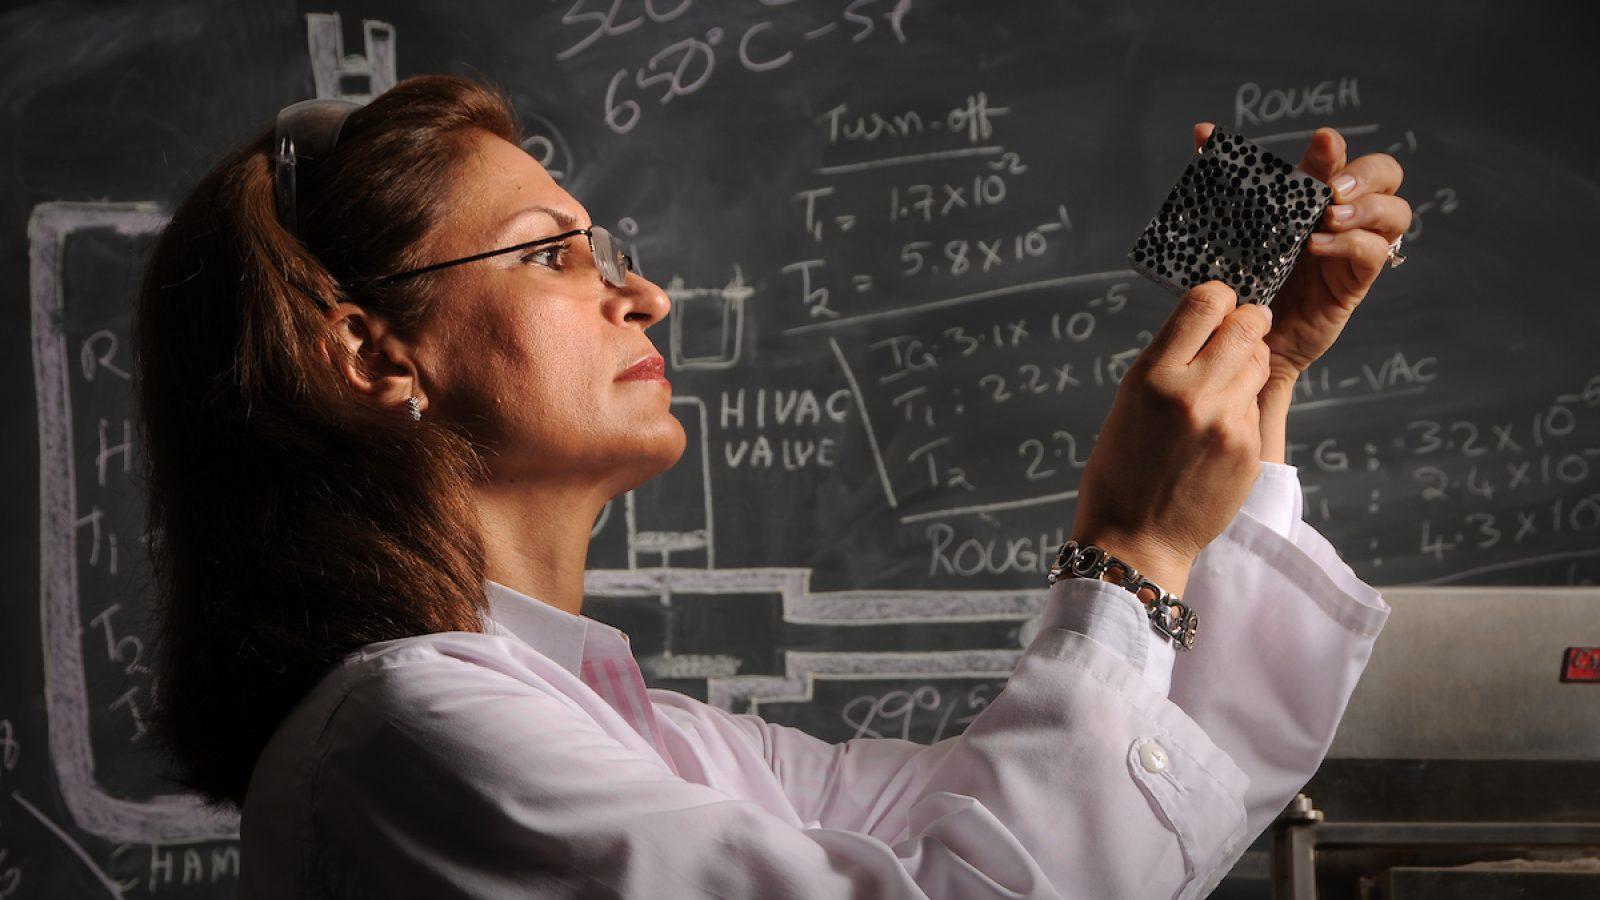 پروفسور افسانه ربیعی، مخترع مستحکمترین فوم فلزی